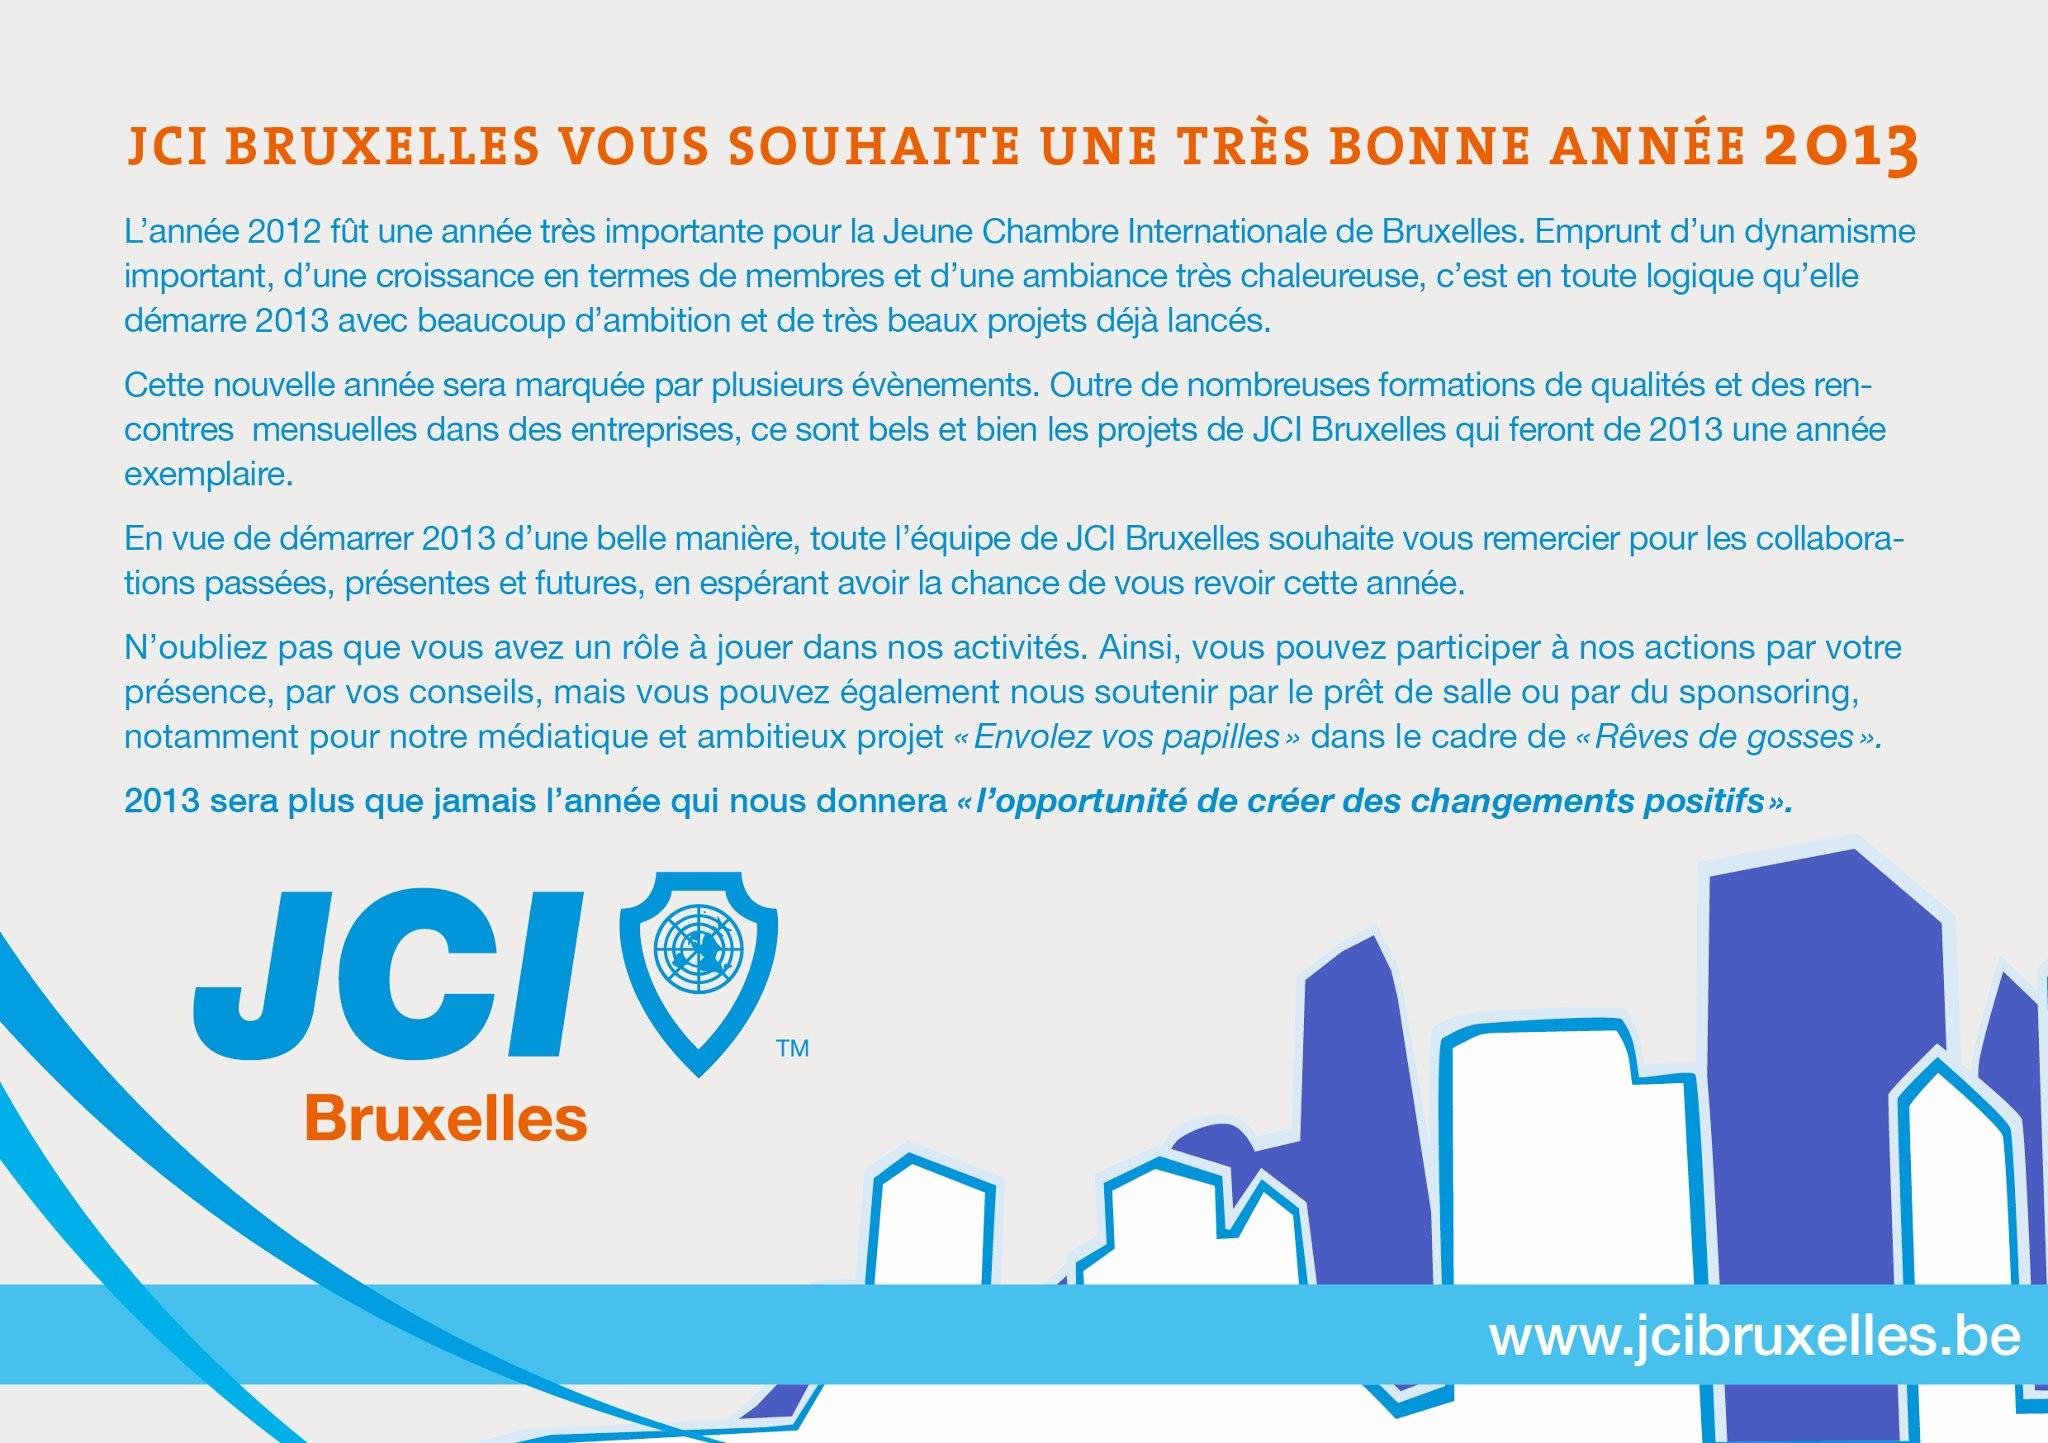 JCI Bruxelles - Voeux 2013